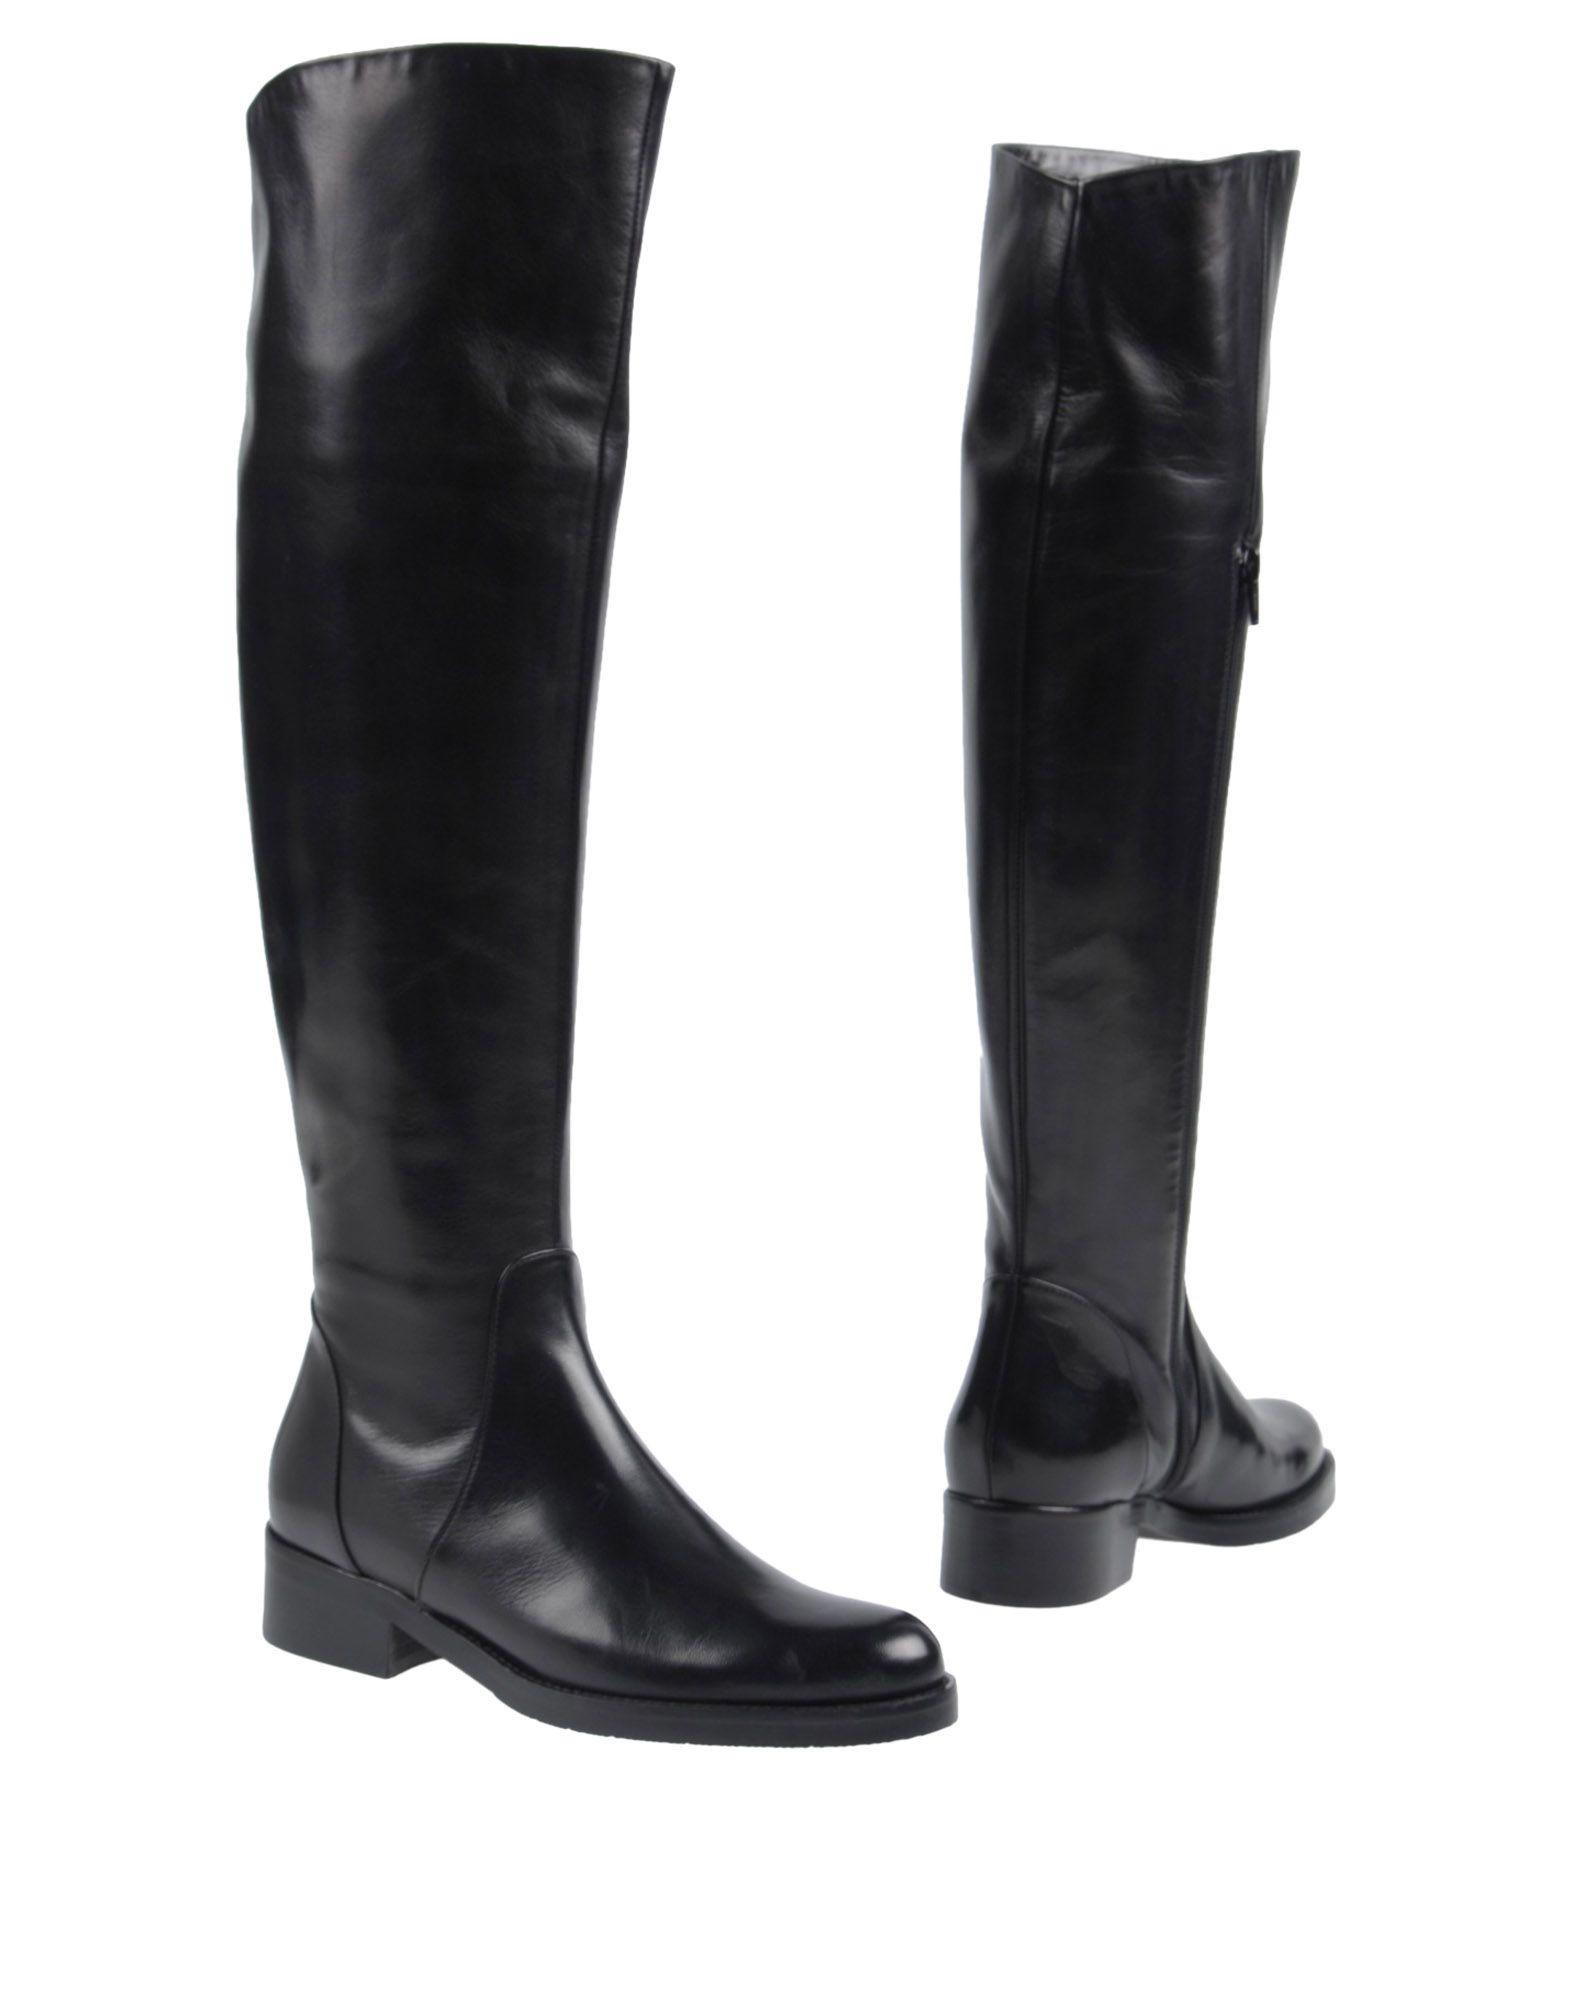 Spaziomoda Spaziomoda Spaziomoda Stiefel Damen  11449202WN Heiße Schuhe 28996a